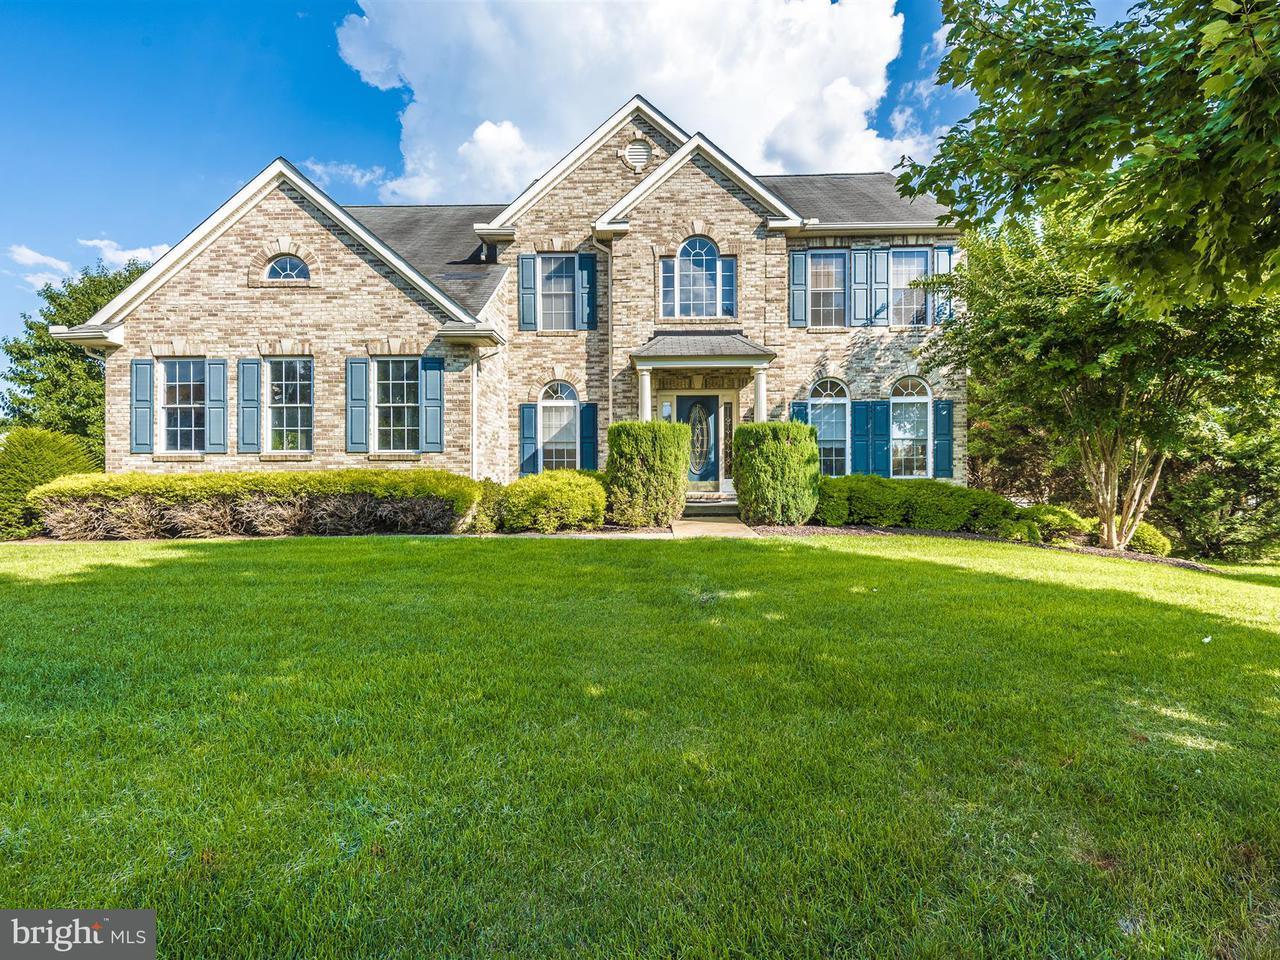 Maison unifamiliale pour l Vente à 200 JENKINS CREEK Court 200 JENKINS CREEK Court Walkersville, Maryland 21793 États-Unis